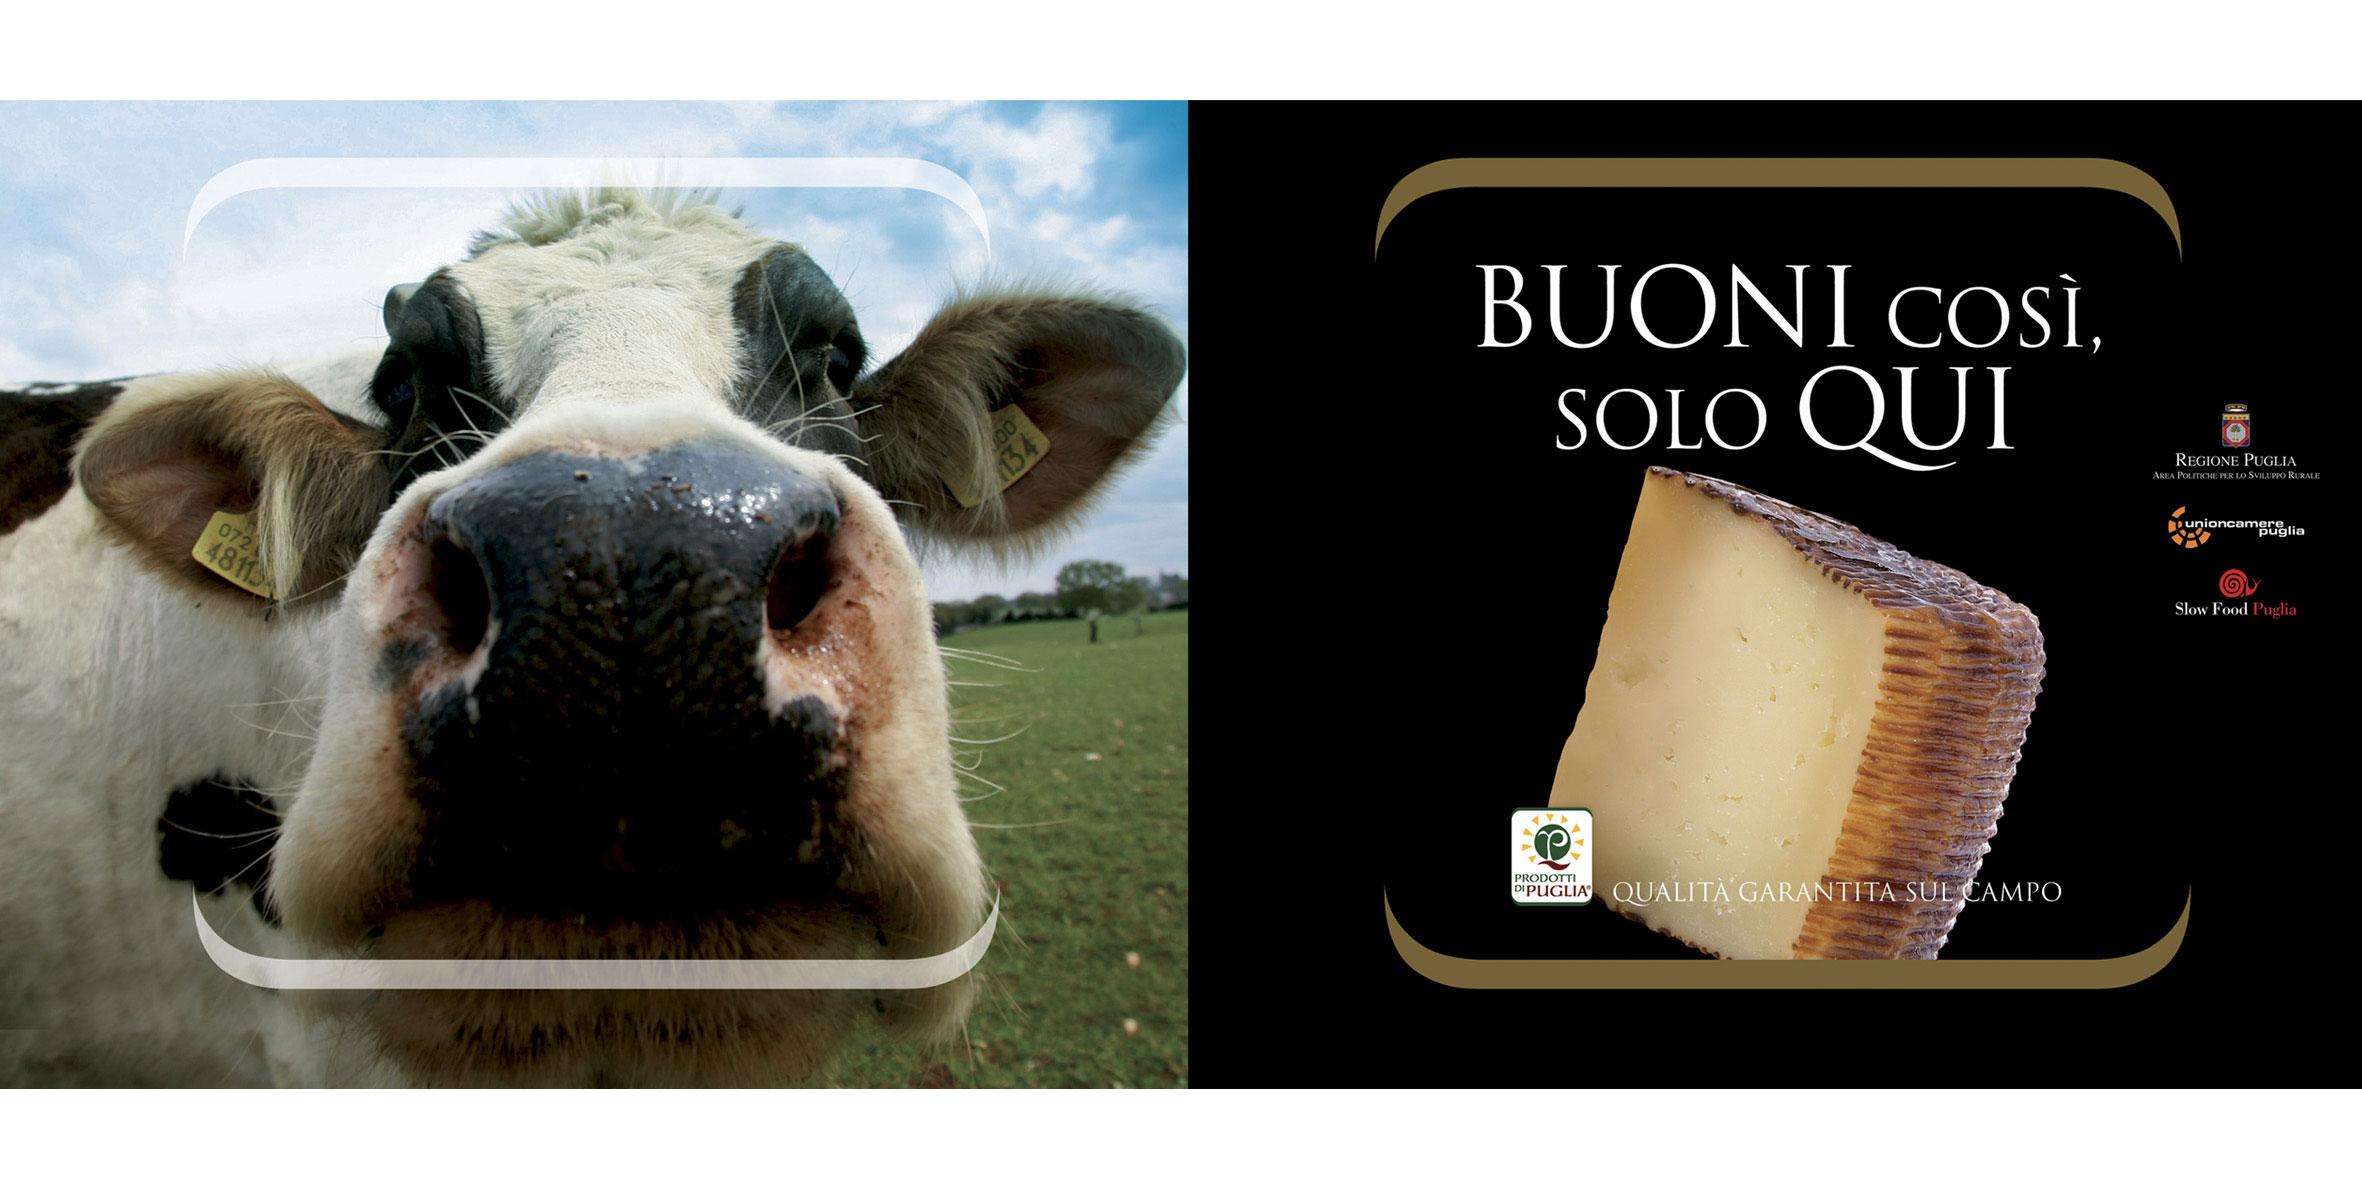 BUONI-COSI-SOLO-QUI-3